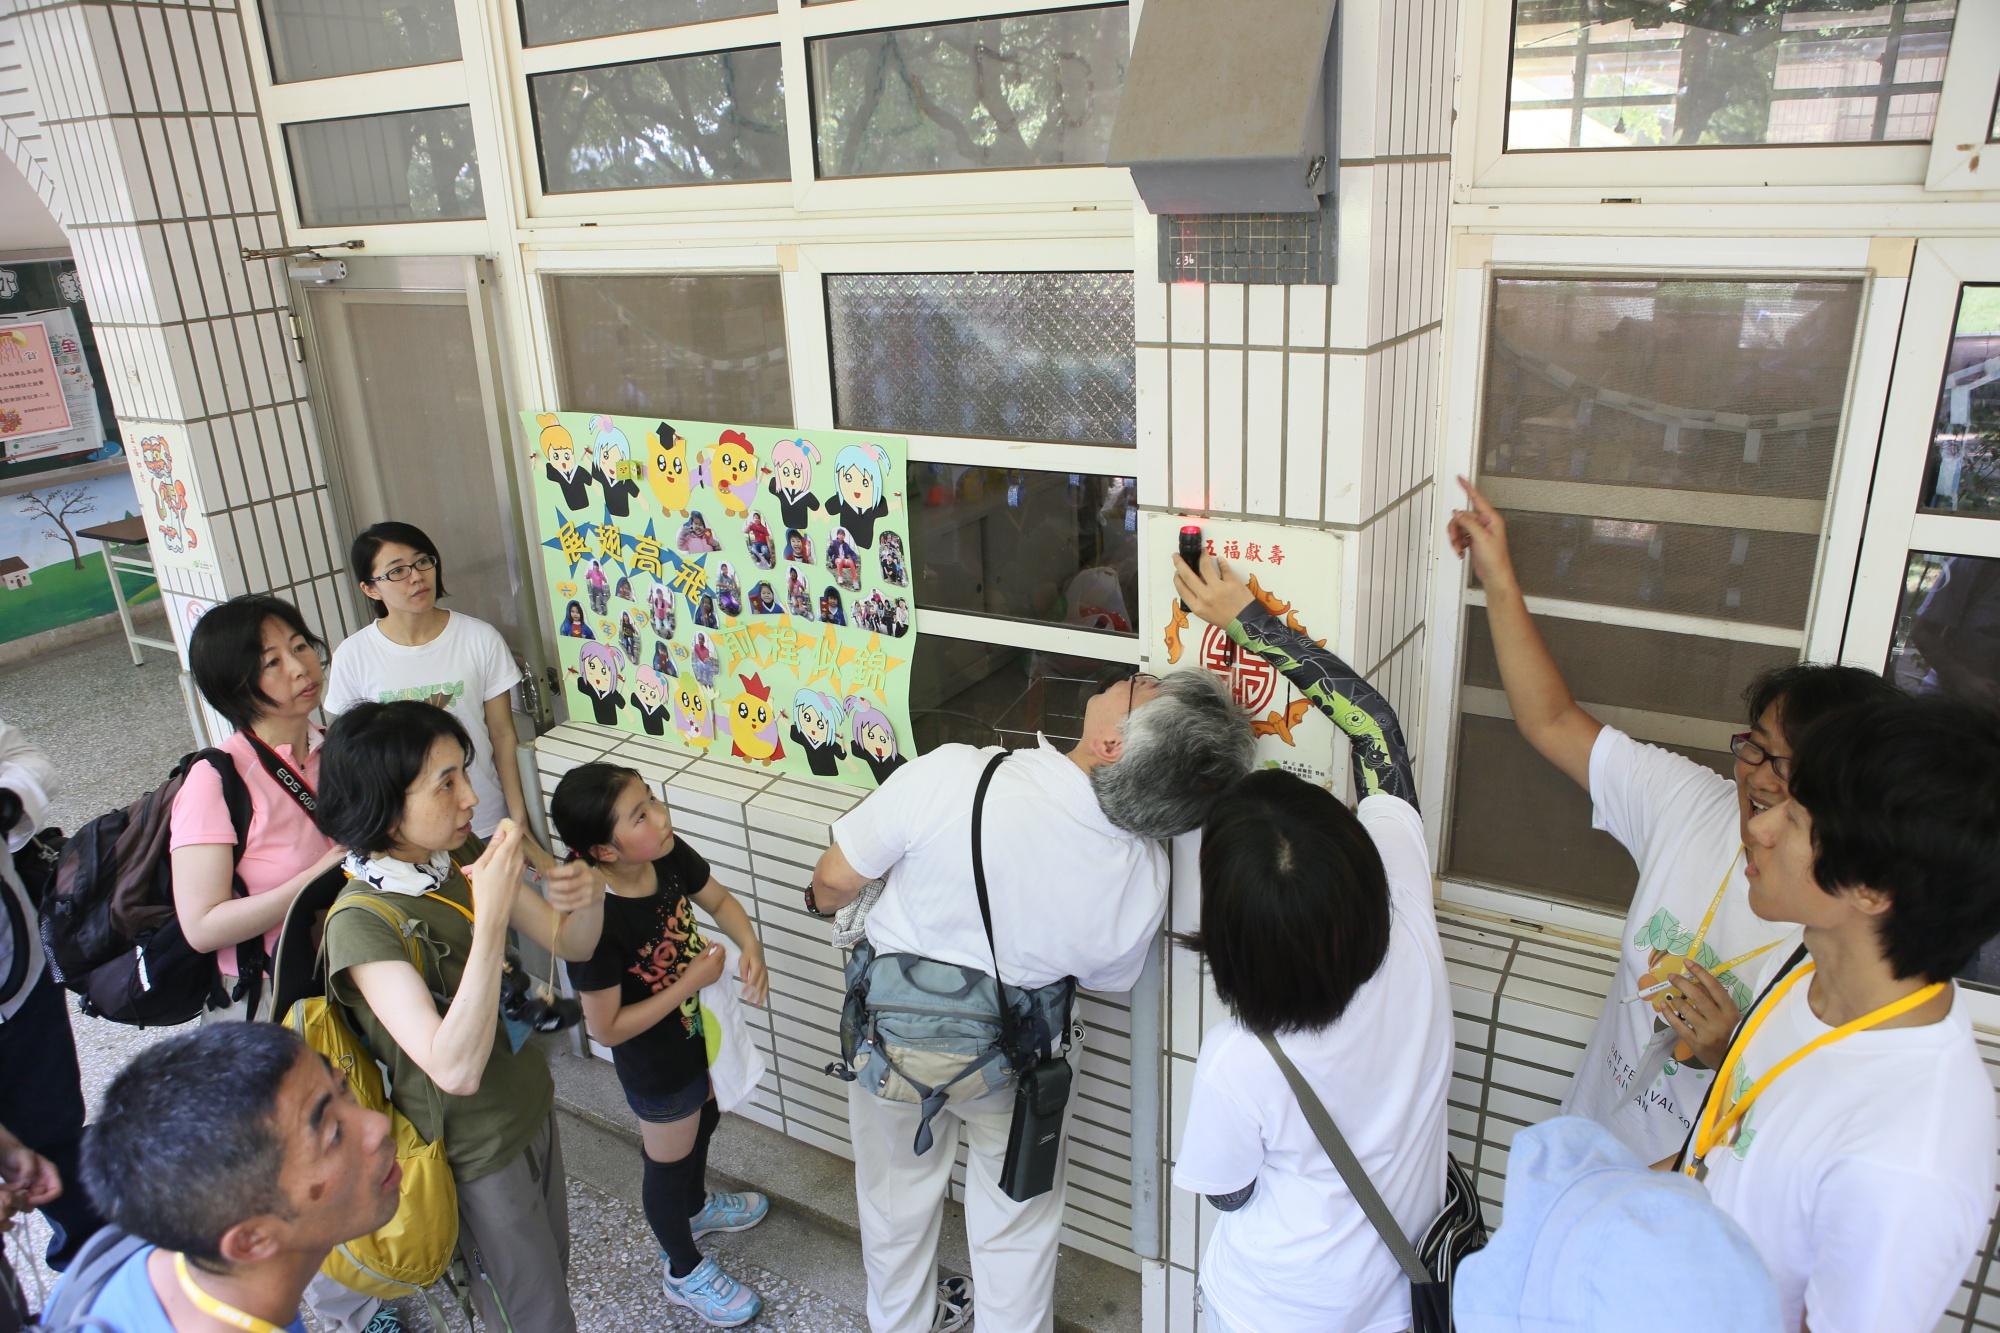 台灣最近距離的高頭蝠觀察地點在哪裡? 在黃金蝙蝠生態館,連日本團客也過來賞蝠